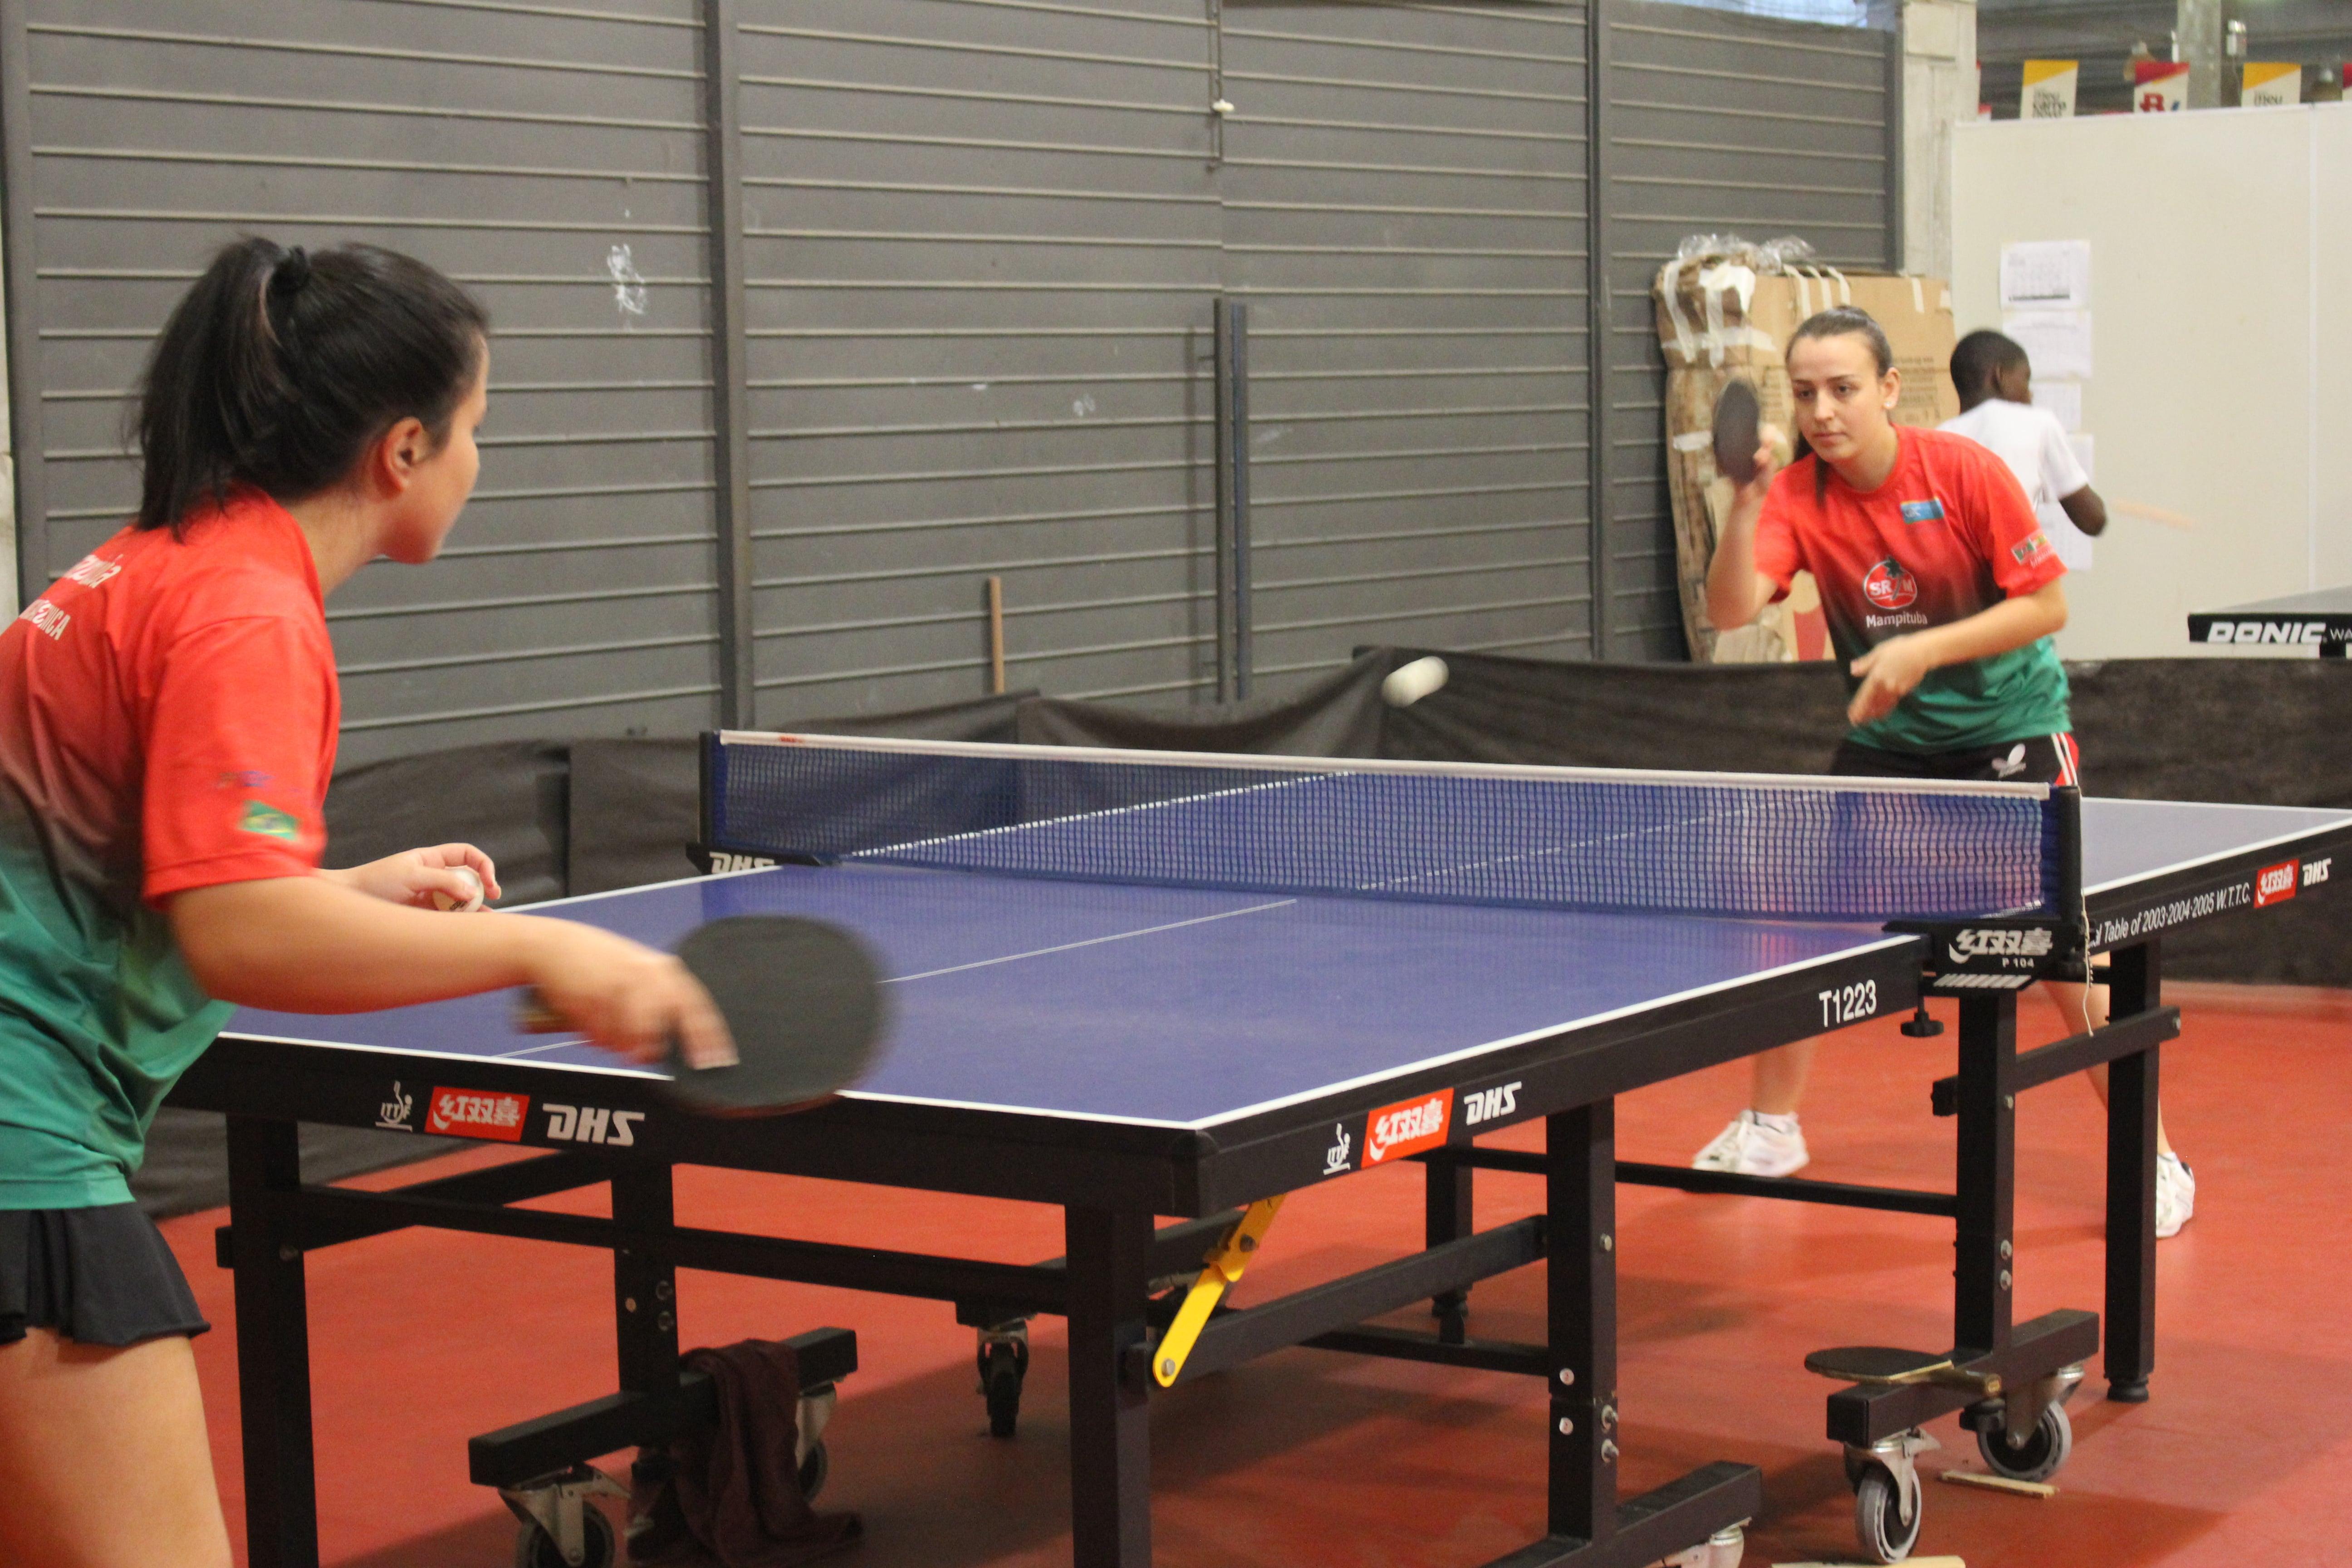 7571075f6 Criciumenses estarão em competição de tênis de mesa - DN Sul ...